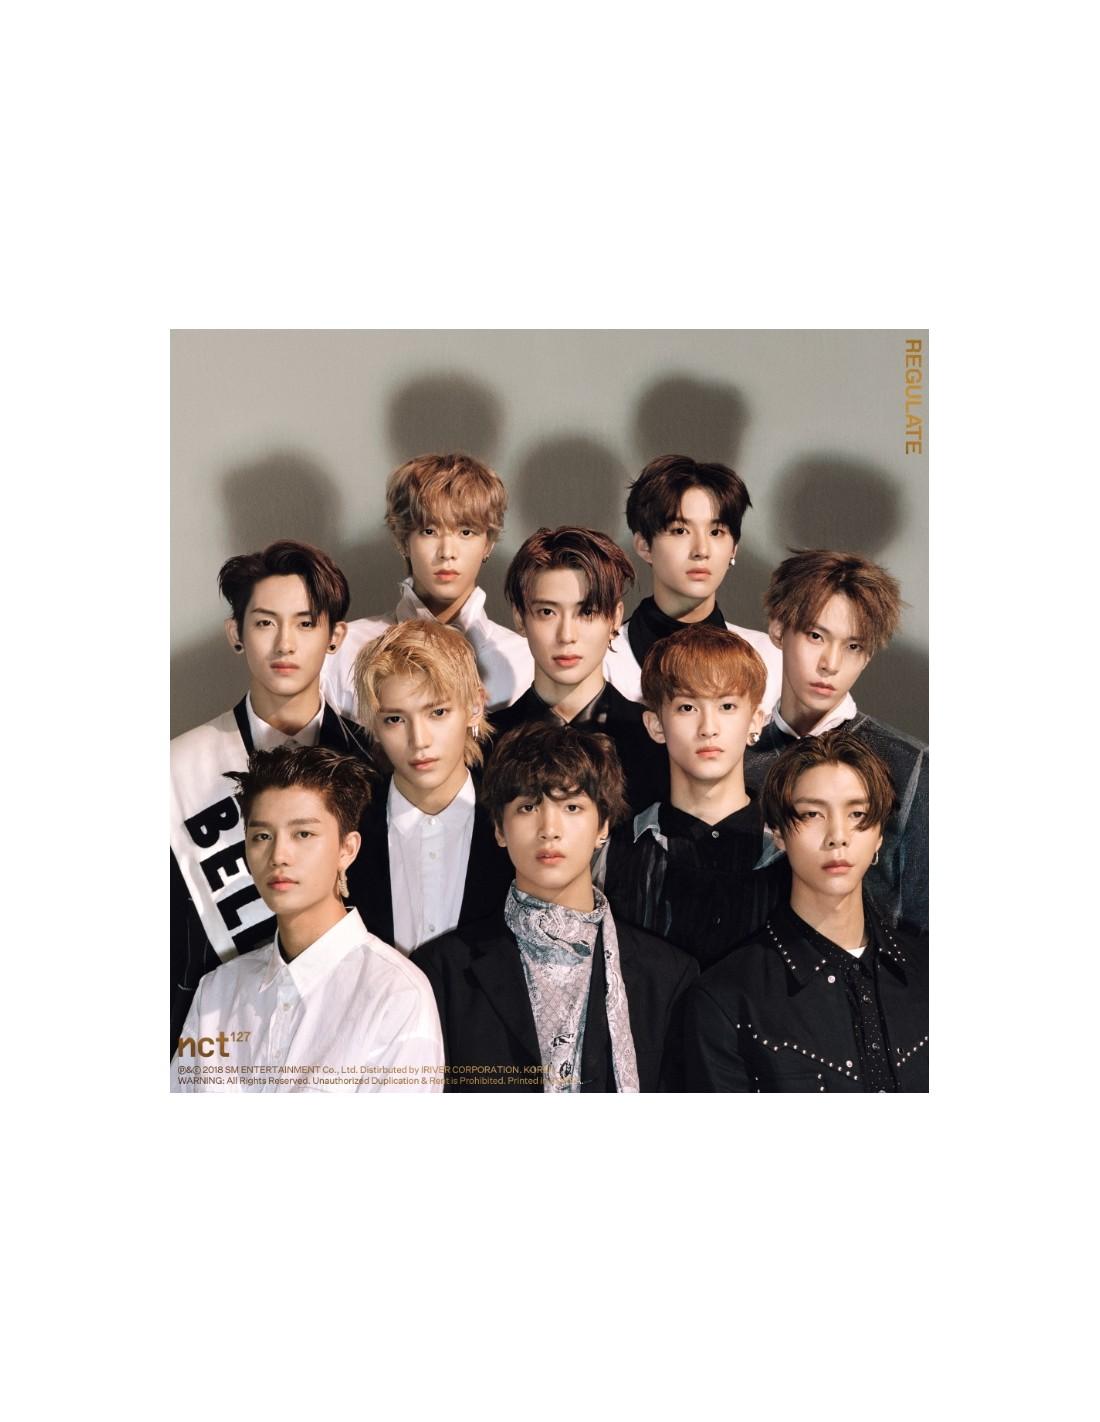 NCT 127 1st Repackage Album - NCT 127 Regulate (Random ver) CD + Poster